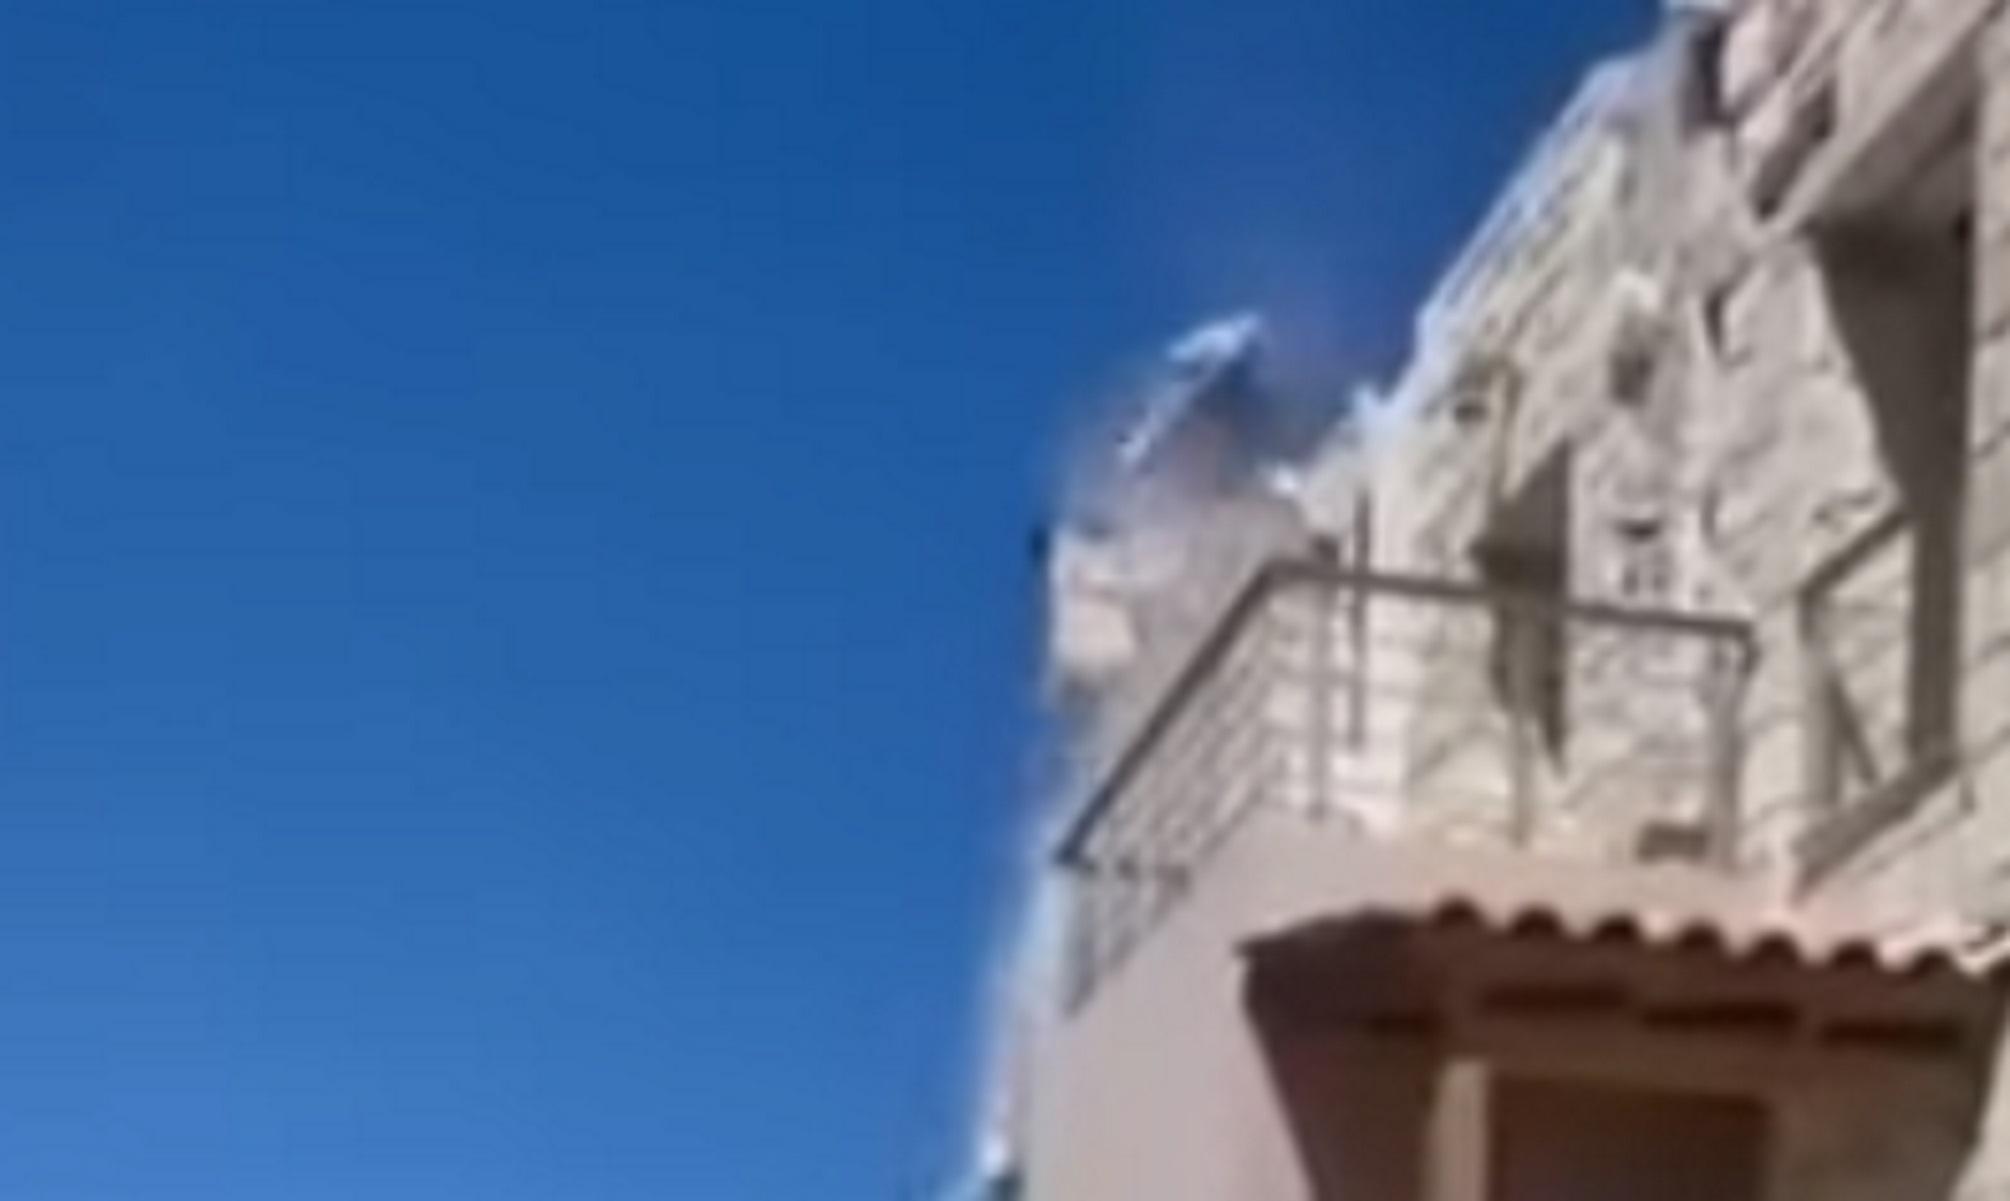 Σεισμός στην Κρήτη: Βίντεο ντοκουμέντο – Στέγη καταρρέει on camera